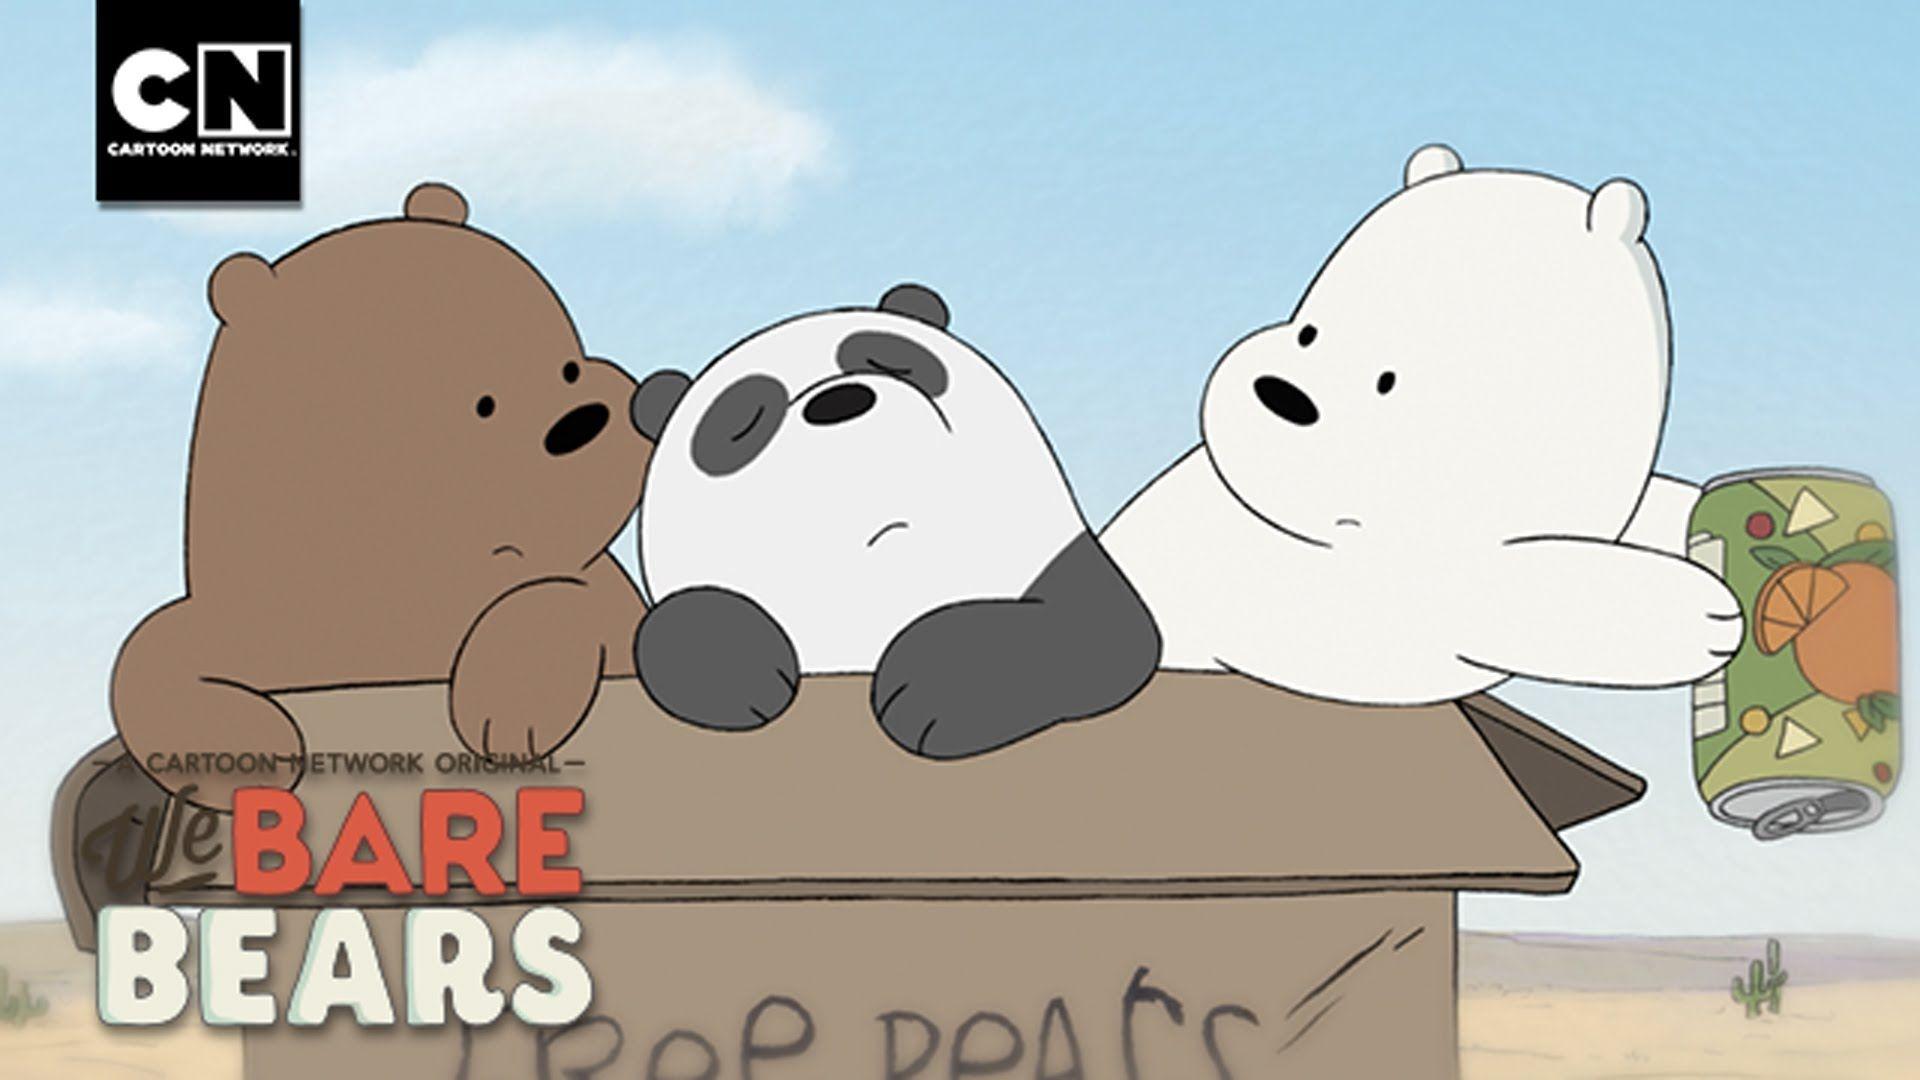 The Road Song I We Bare Bears I Cartoon Network Bear